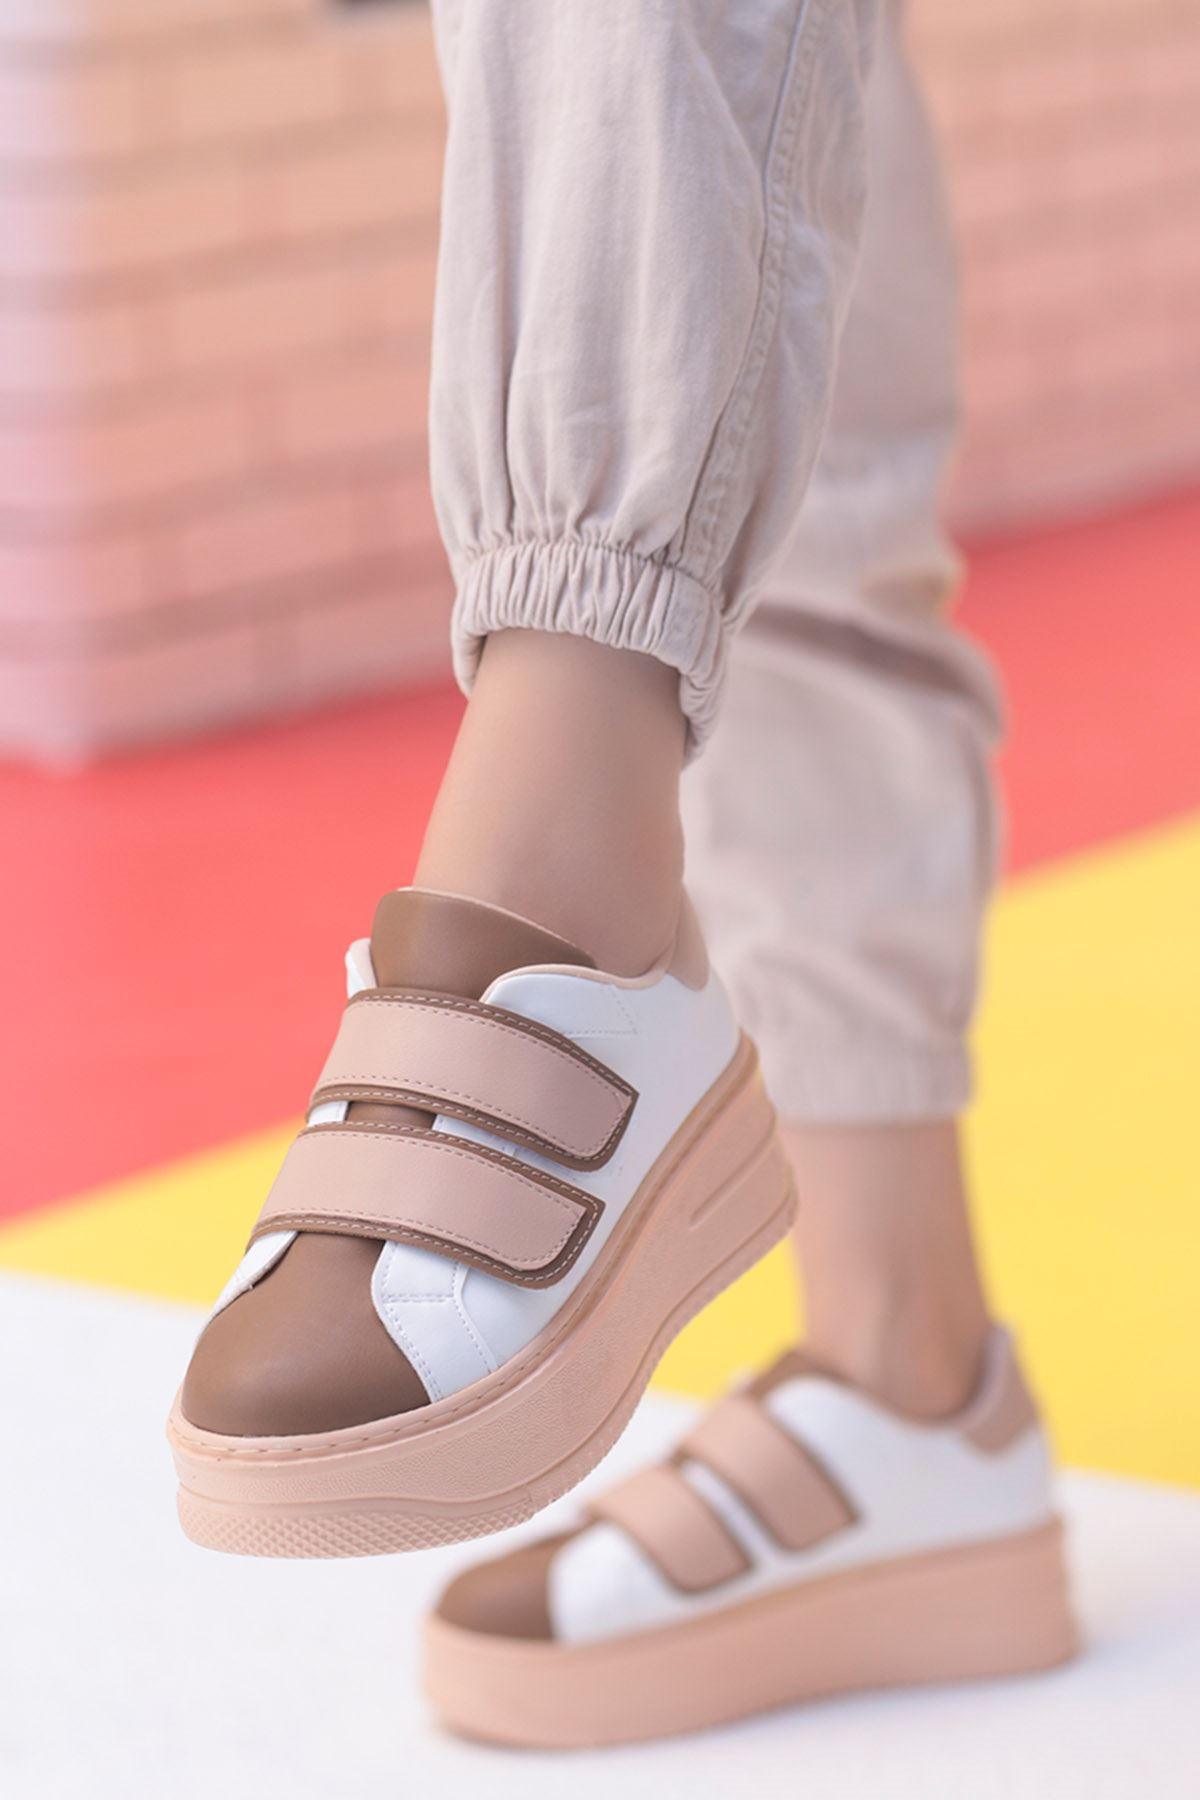 Mahaza Kalın Topuk Cırtlı Detay Spor Ayakkabı Krem Kahverengi Detay